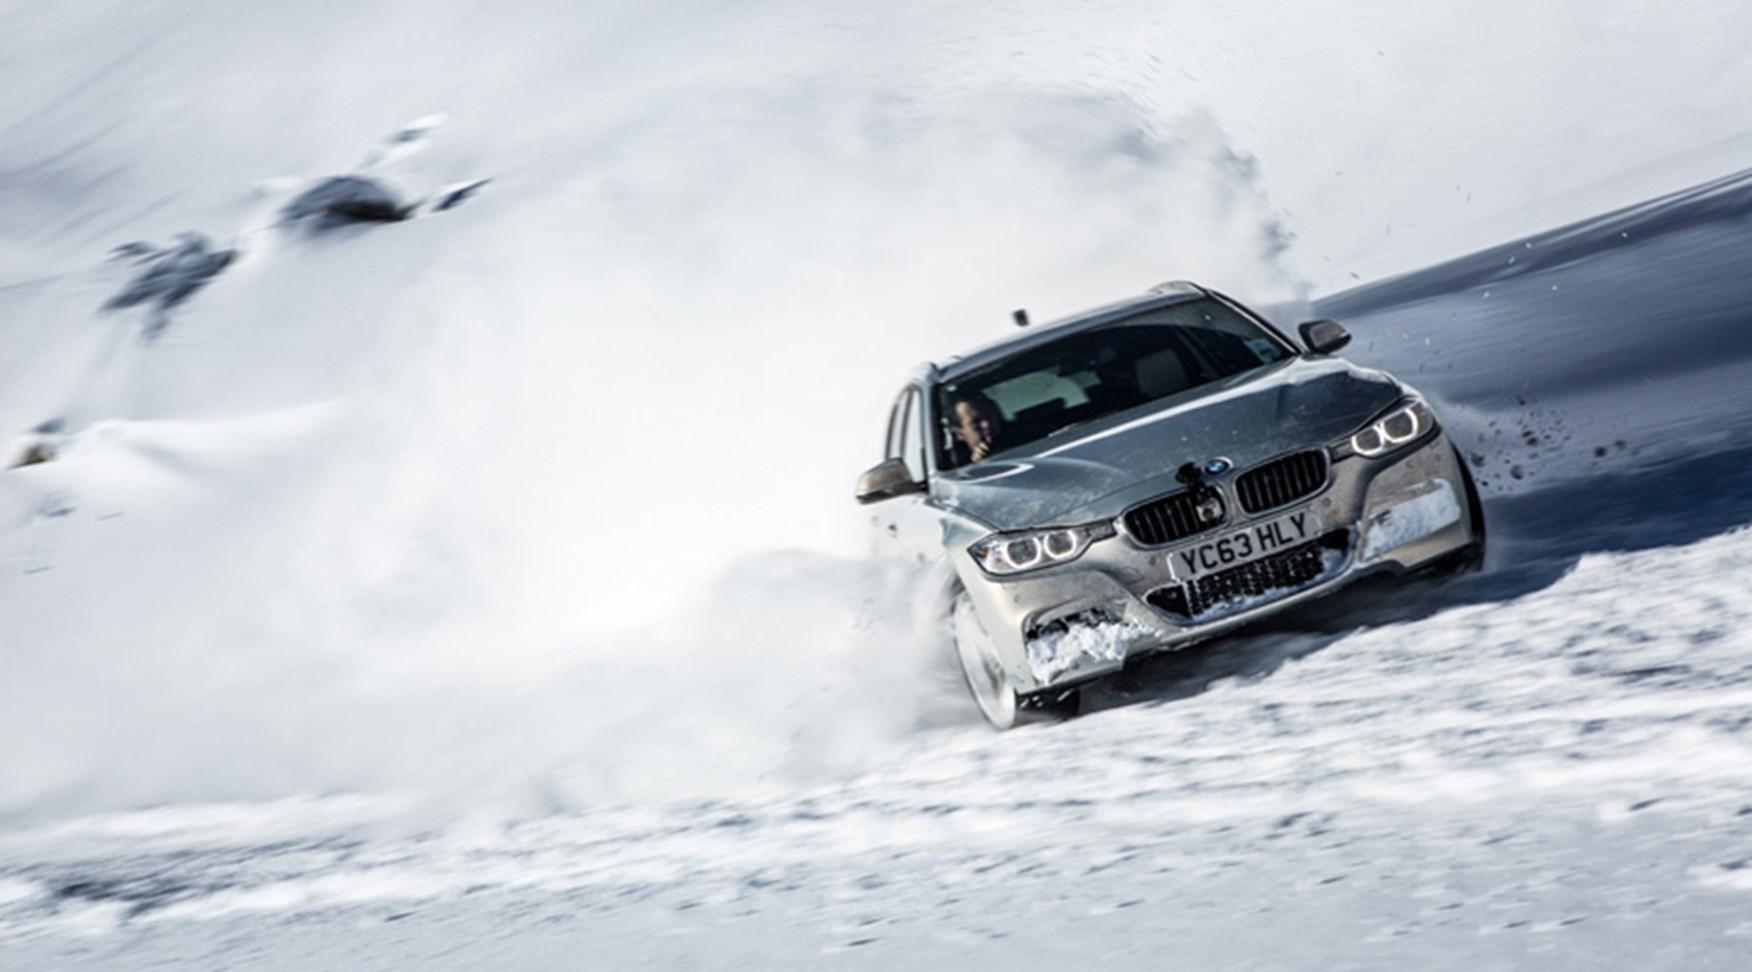 Bmw Vs Winter 330d Xdrive Takes On Alps Ski Slalom Car